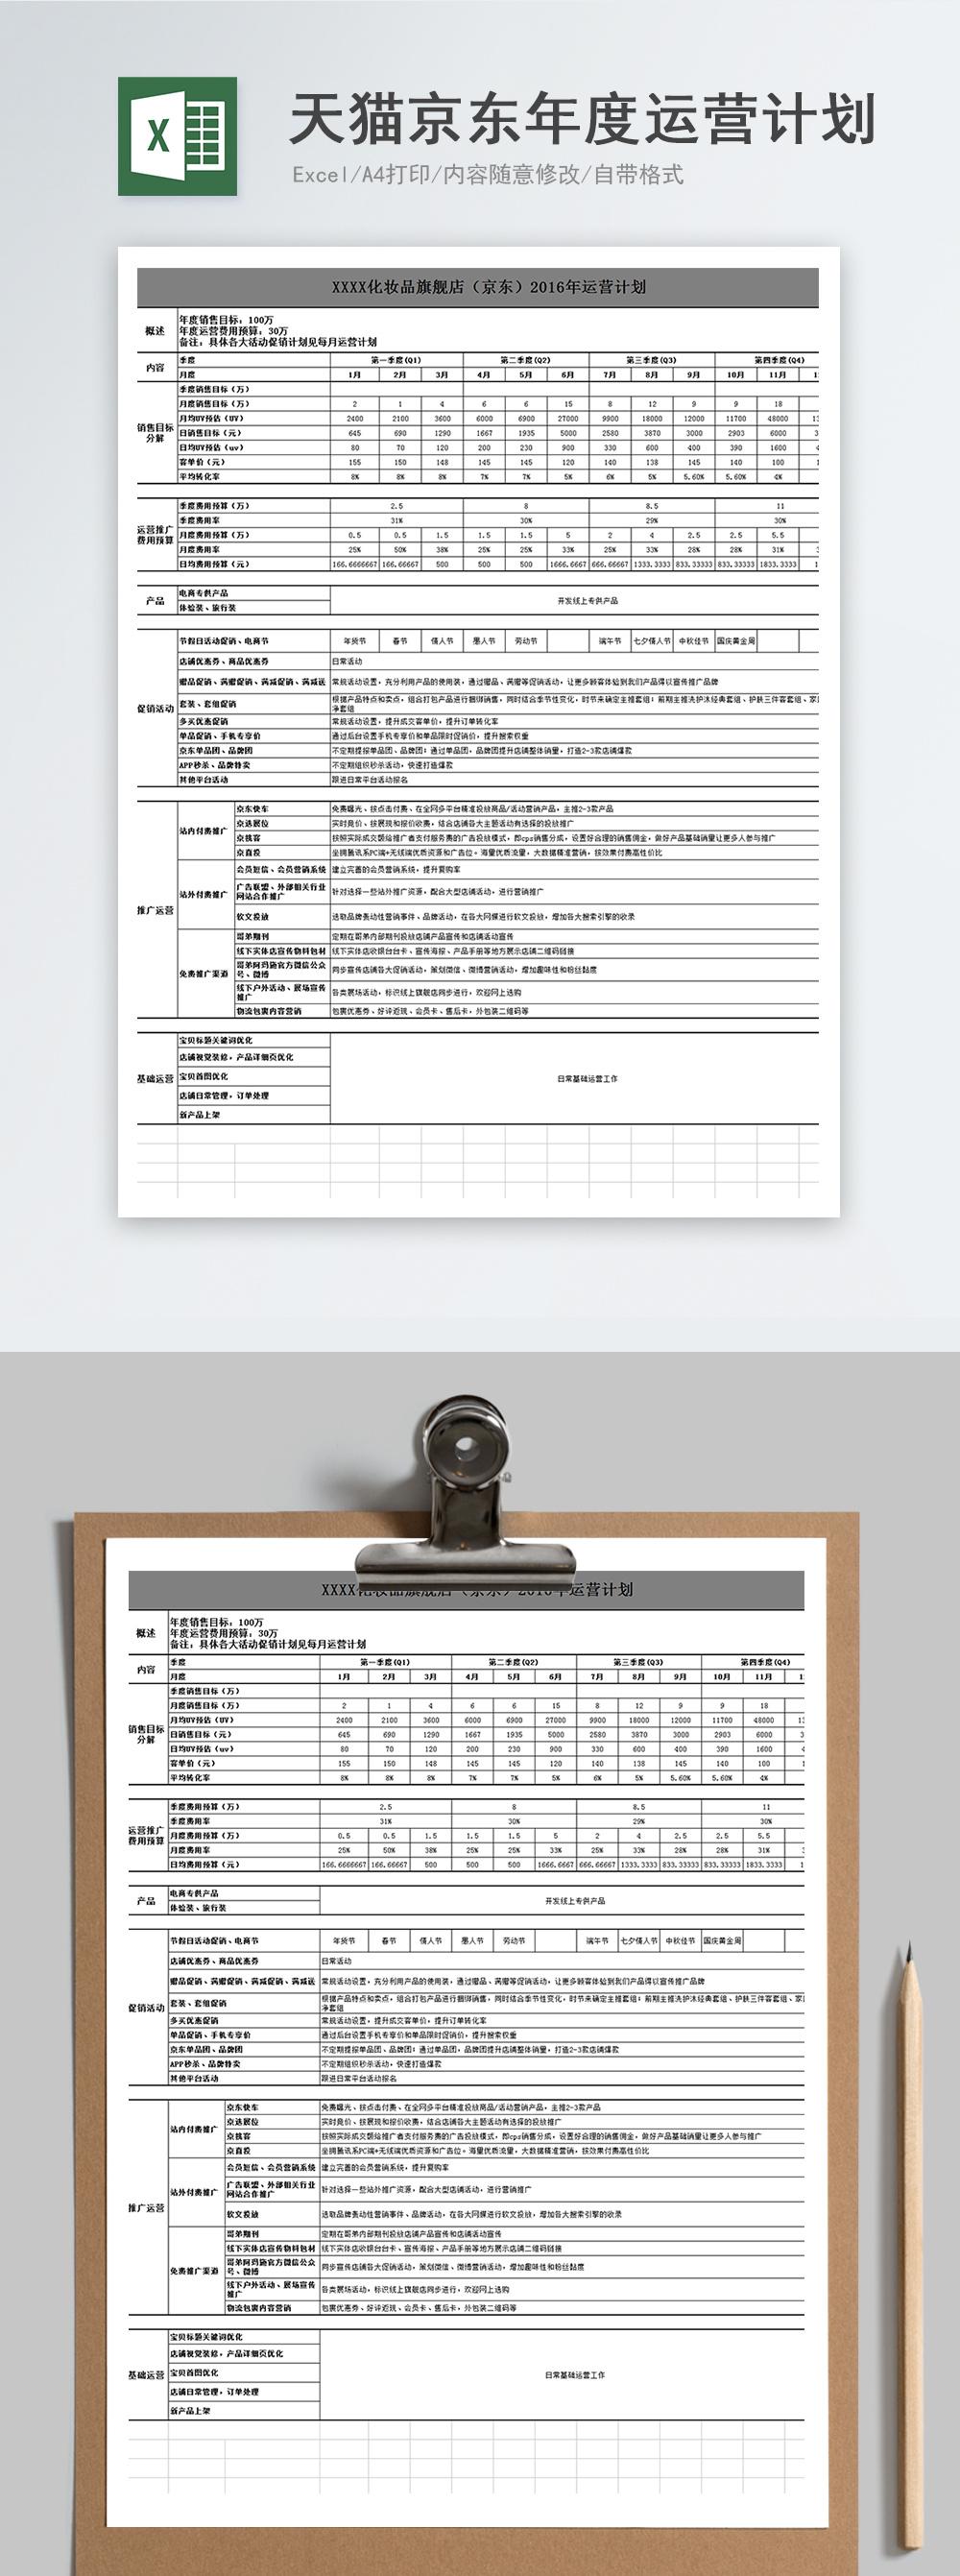 天猫京东店铺年度运营计划Excel模板图片